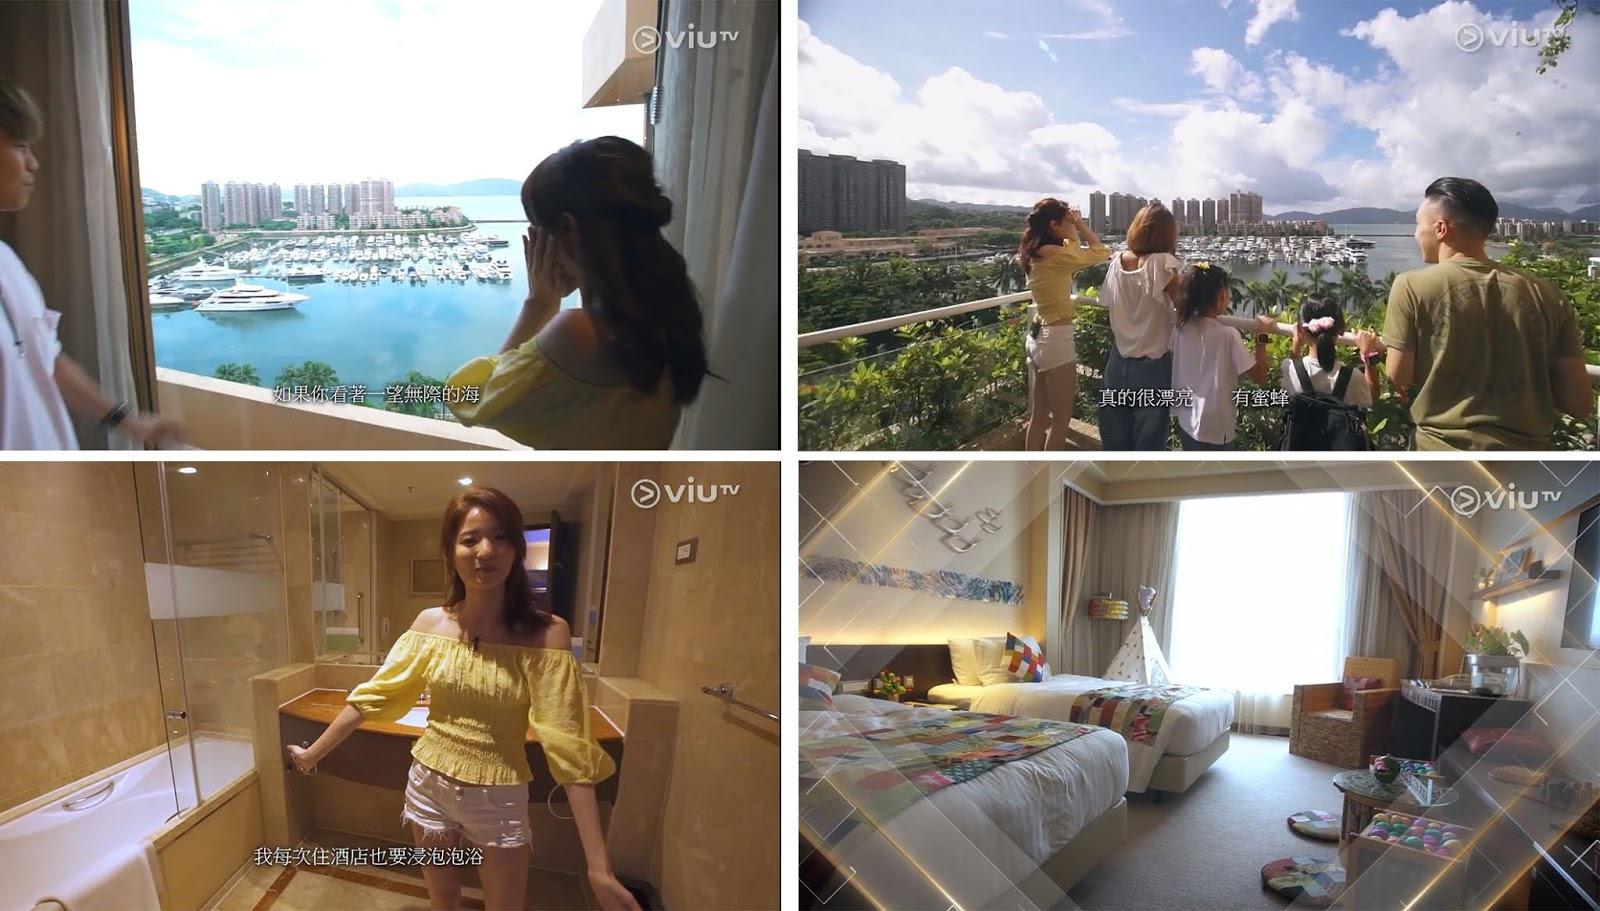 「網購FUN享」: 【香港親子Staycation】屯門黃金海岸酒店 -ViuTV介紹 vs 官方資料